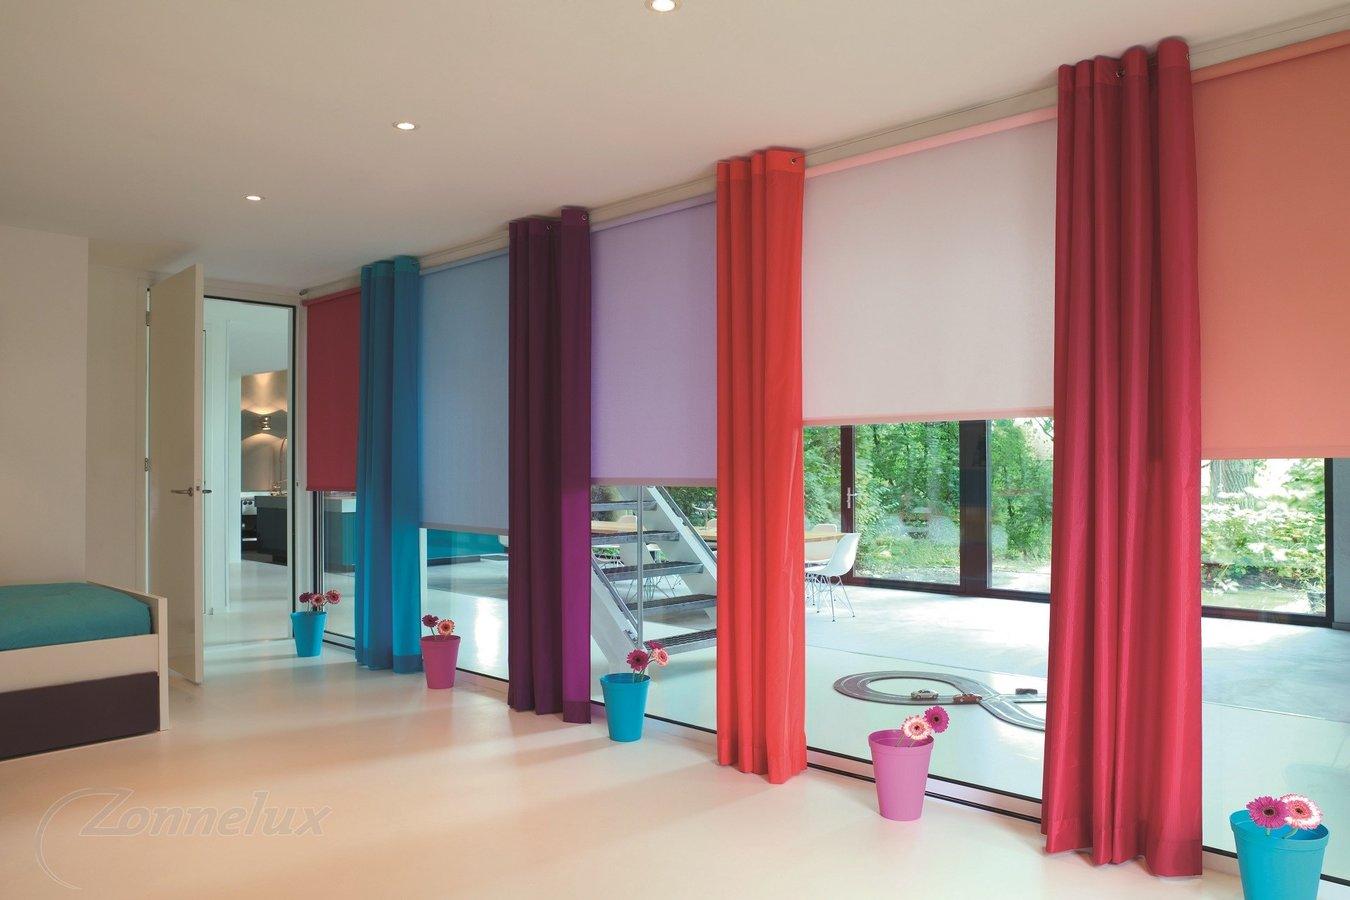 Rolgordijnen Slaapkamer 18 : Rolgordijnen slaapkamer u dekor wateringen